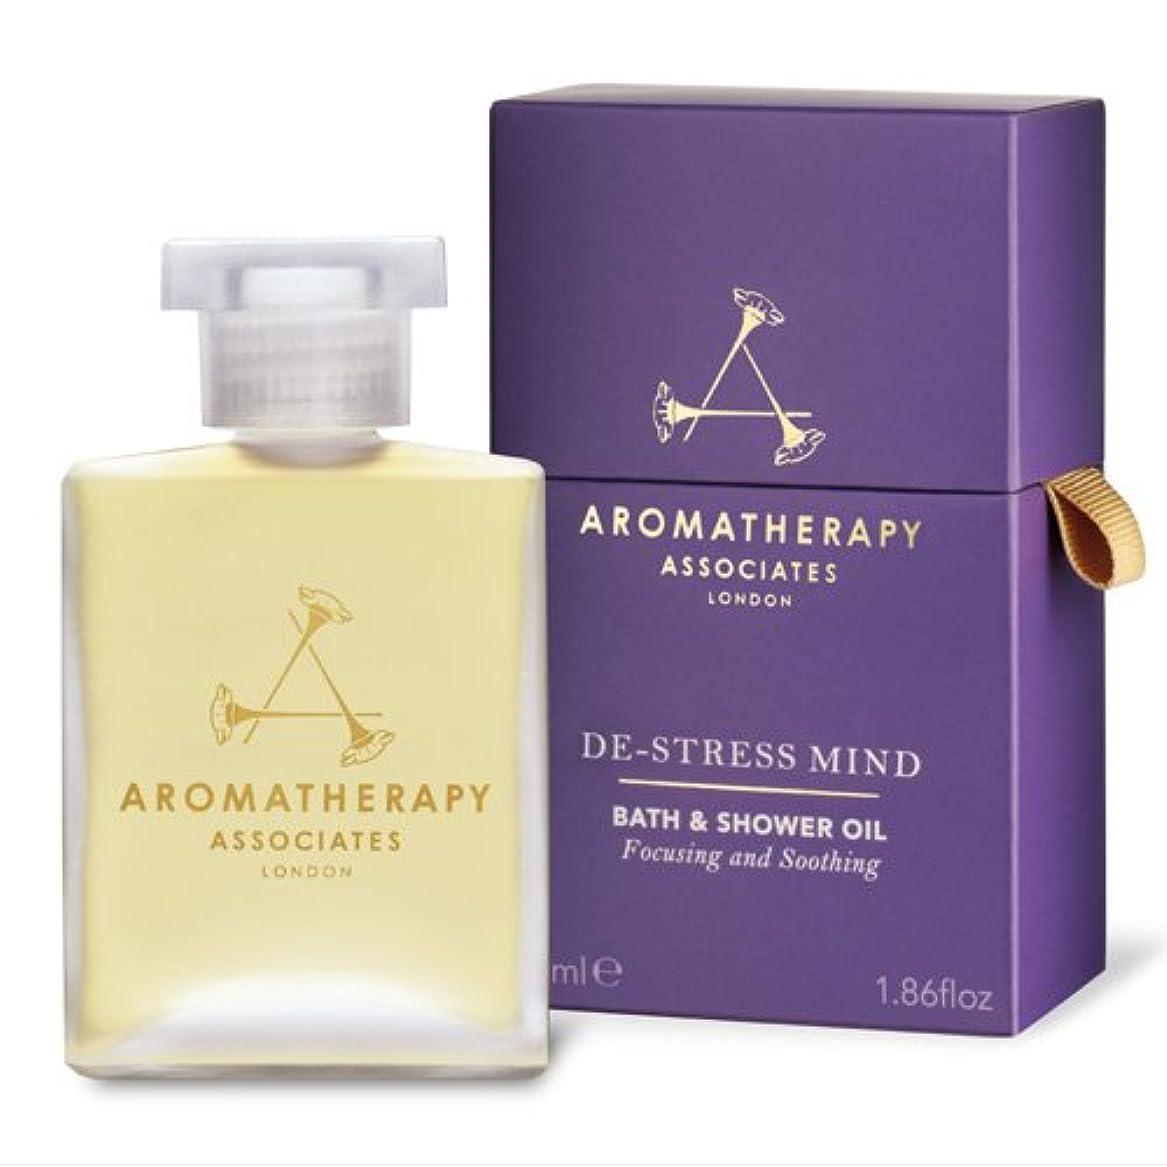 ゴージャス引退する霊アロマセラピー アソシエイツ De-Stress - Mind Bath & Shower Oil 55ml/1.86oz